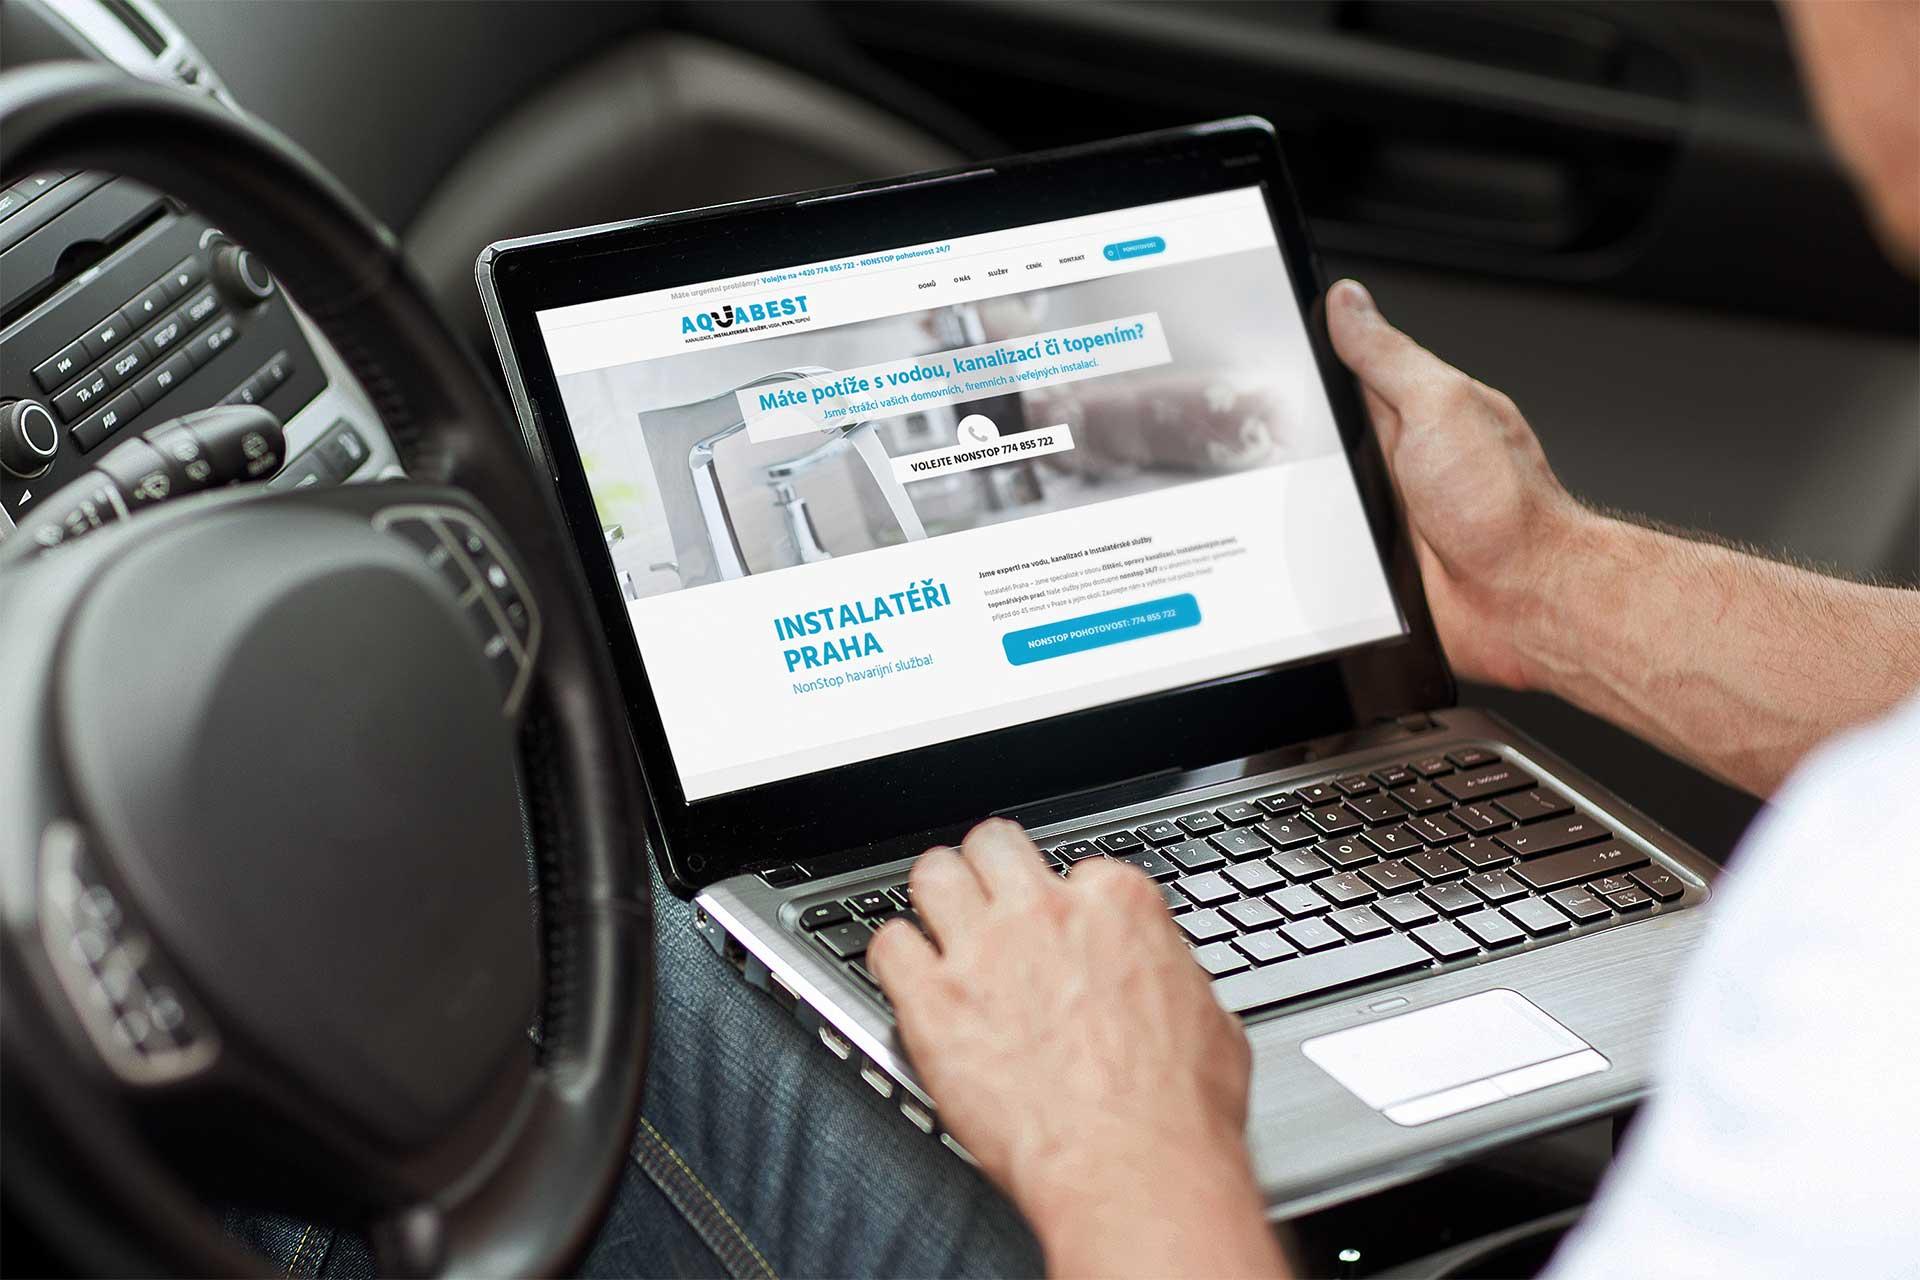 Webové stránky a landing page pro instalatéry aquabest. Reference webových stránek a kampaně.